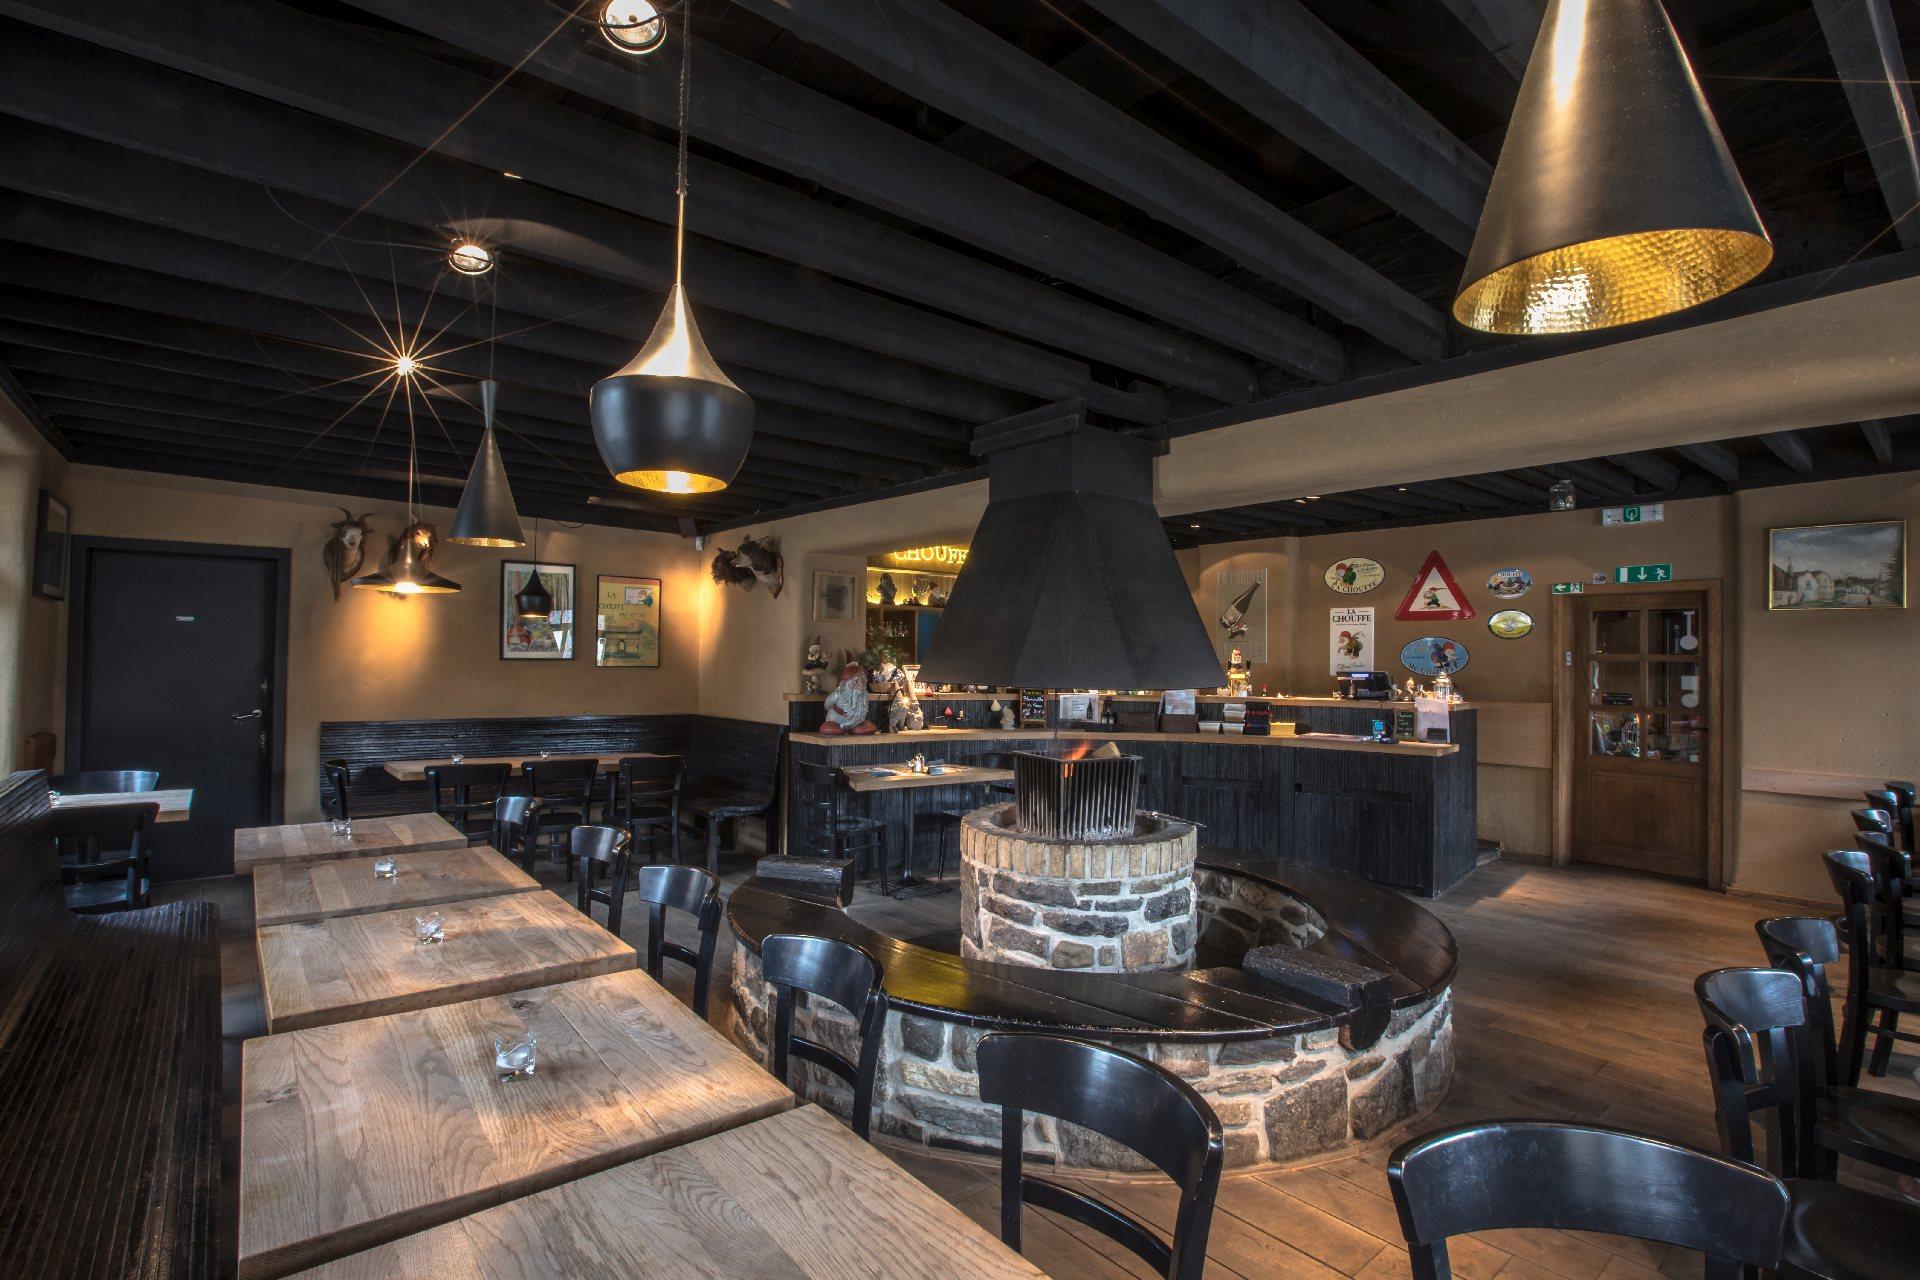 Installez-vous confortablement à la taverne de la Brasserie d'Achouffe